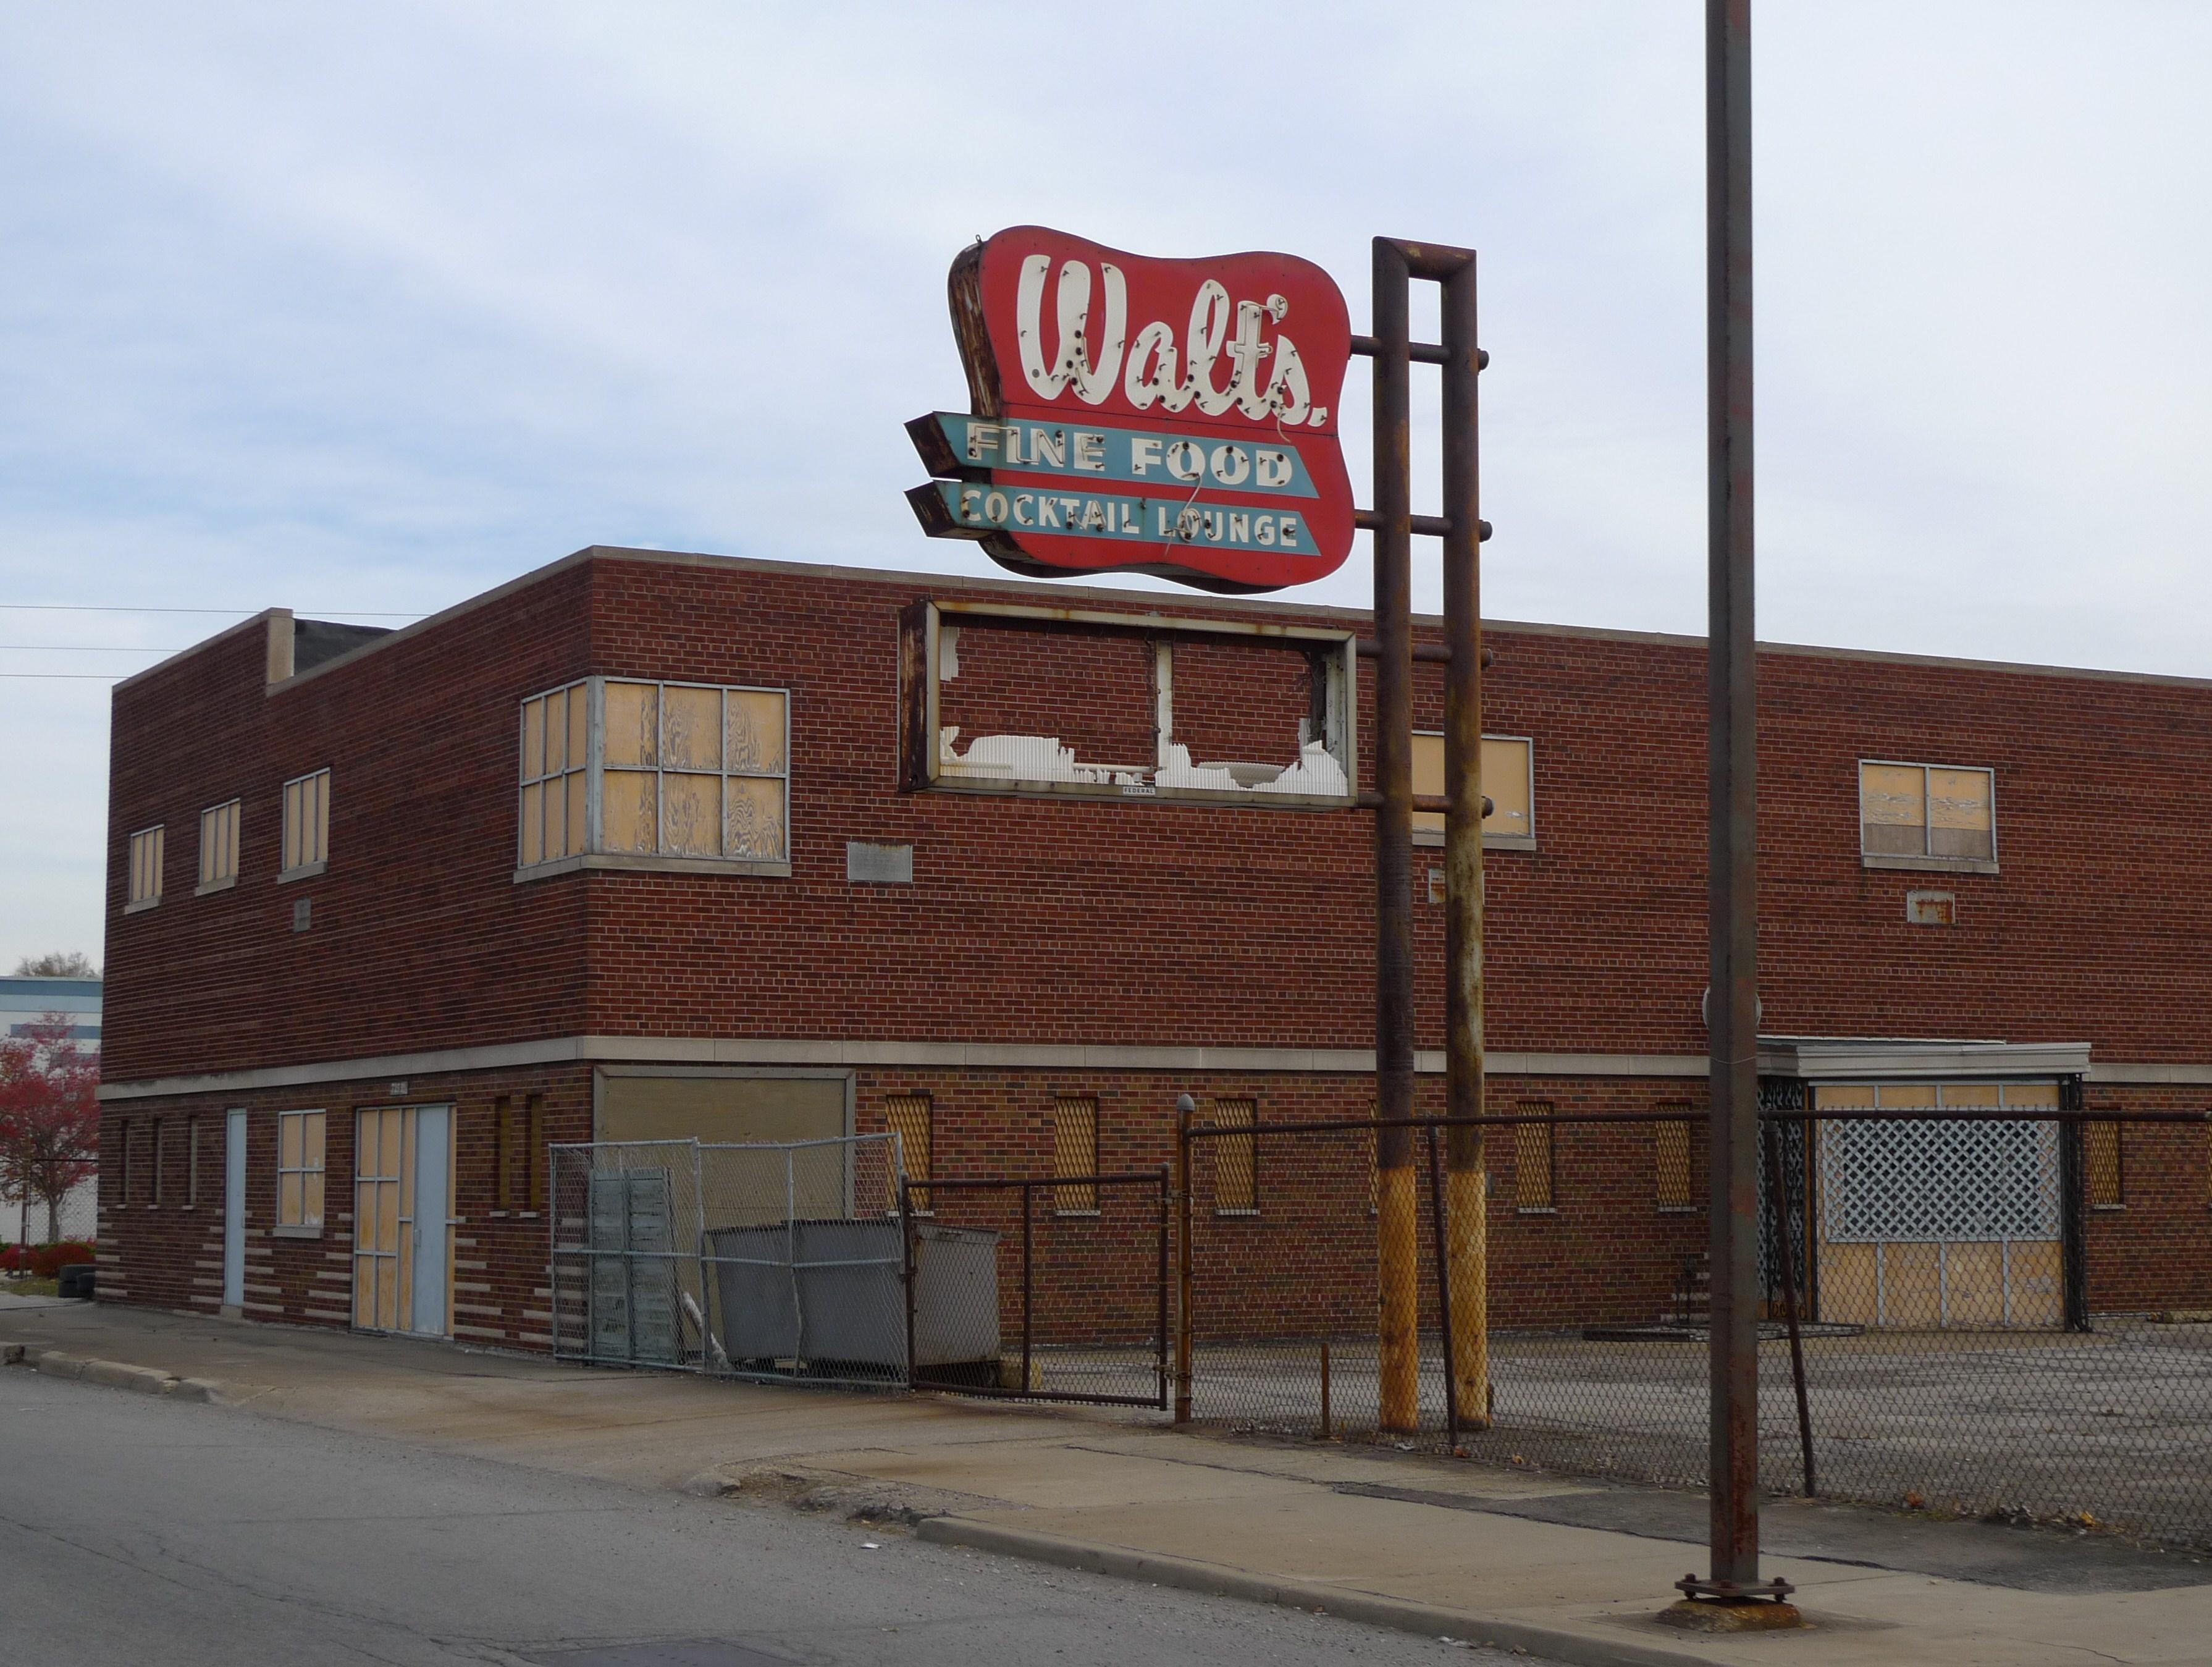 Walt's - along Fifth Avenue (U.S. Route 20), Gary, Indiana U.S.A. - November 13, 2009